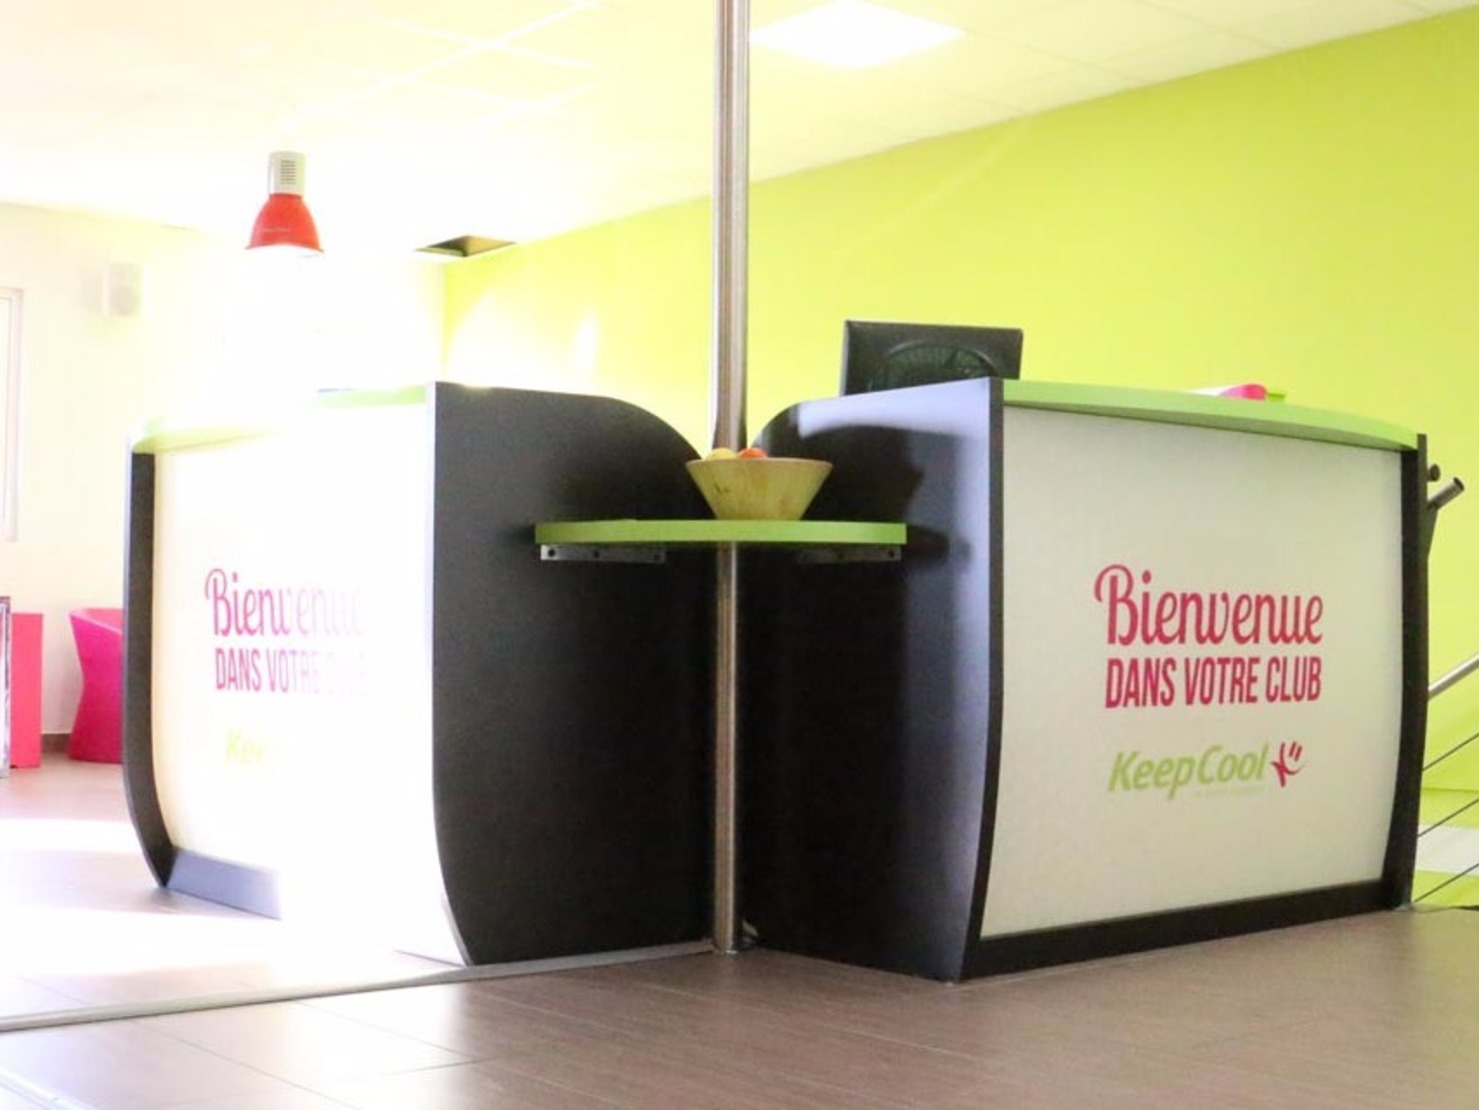 keep cool avignon le pontet tarifs avis horaires essai gratuit. Black Bedroom Furniture Sets. Home Design Ideas